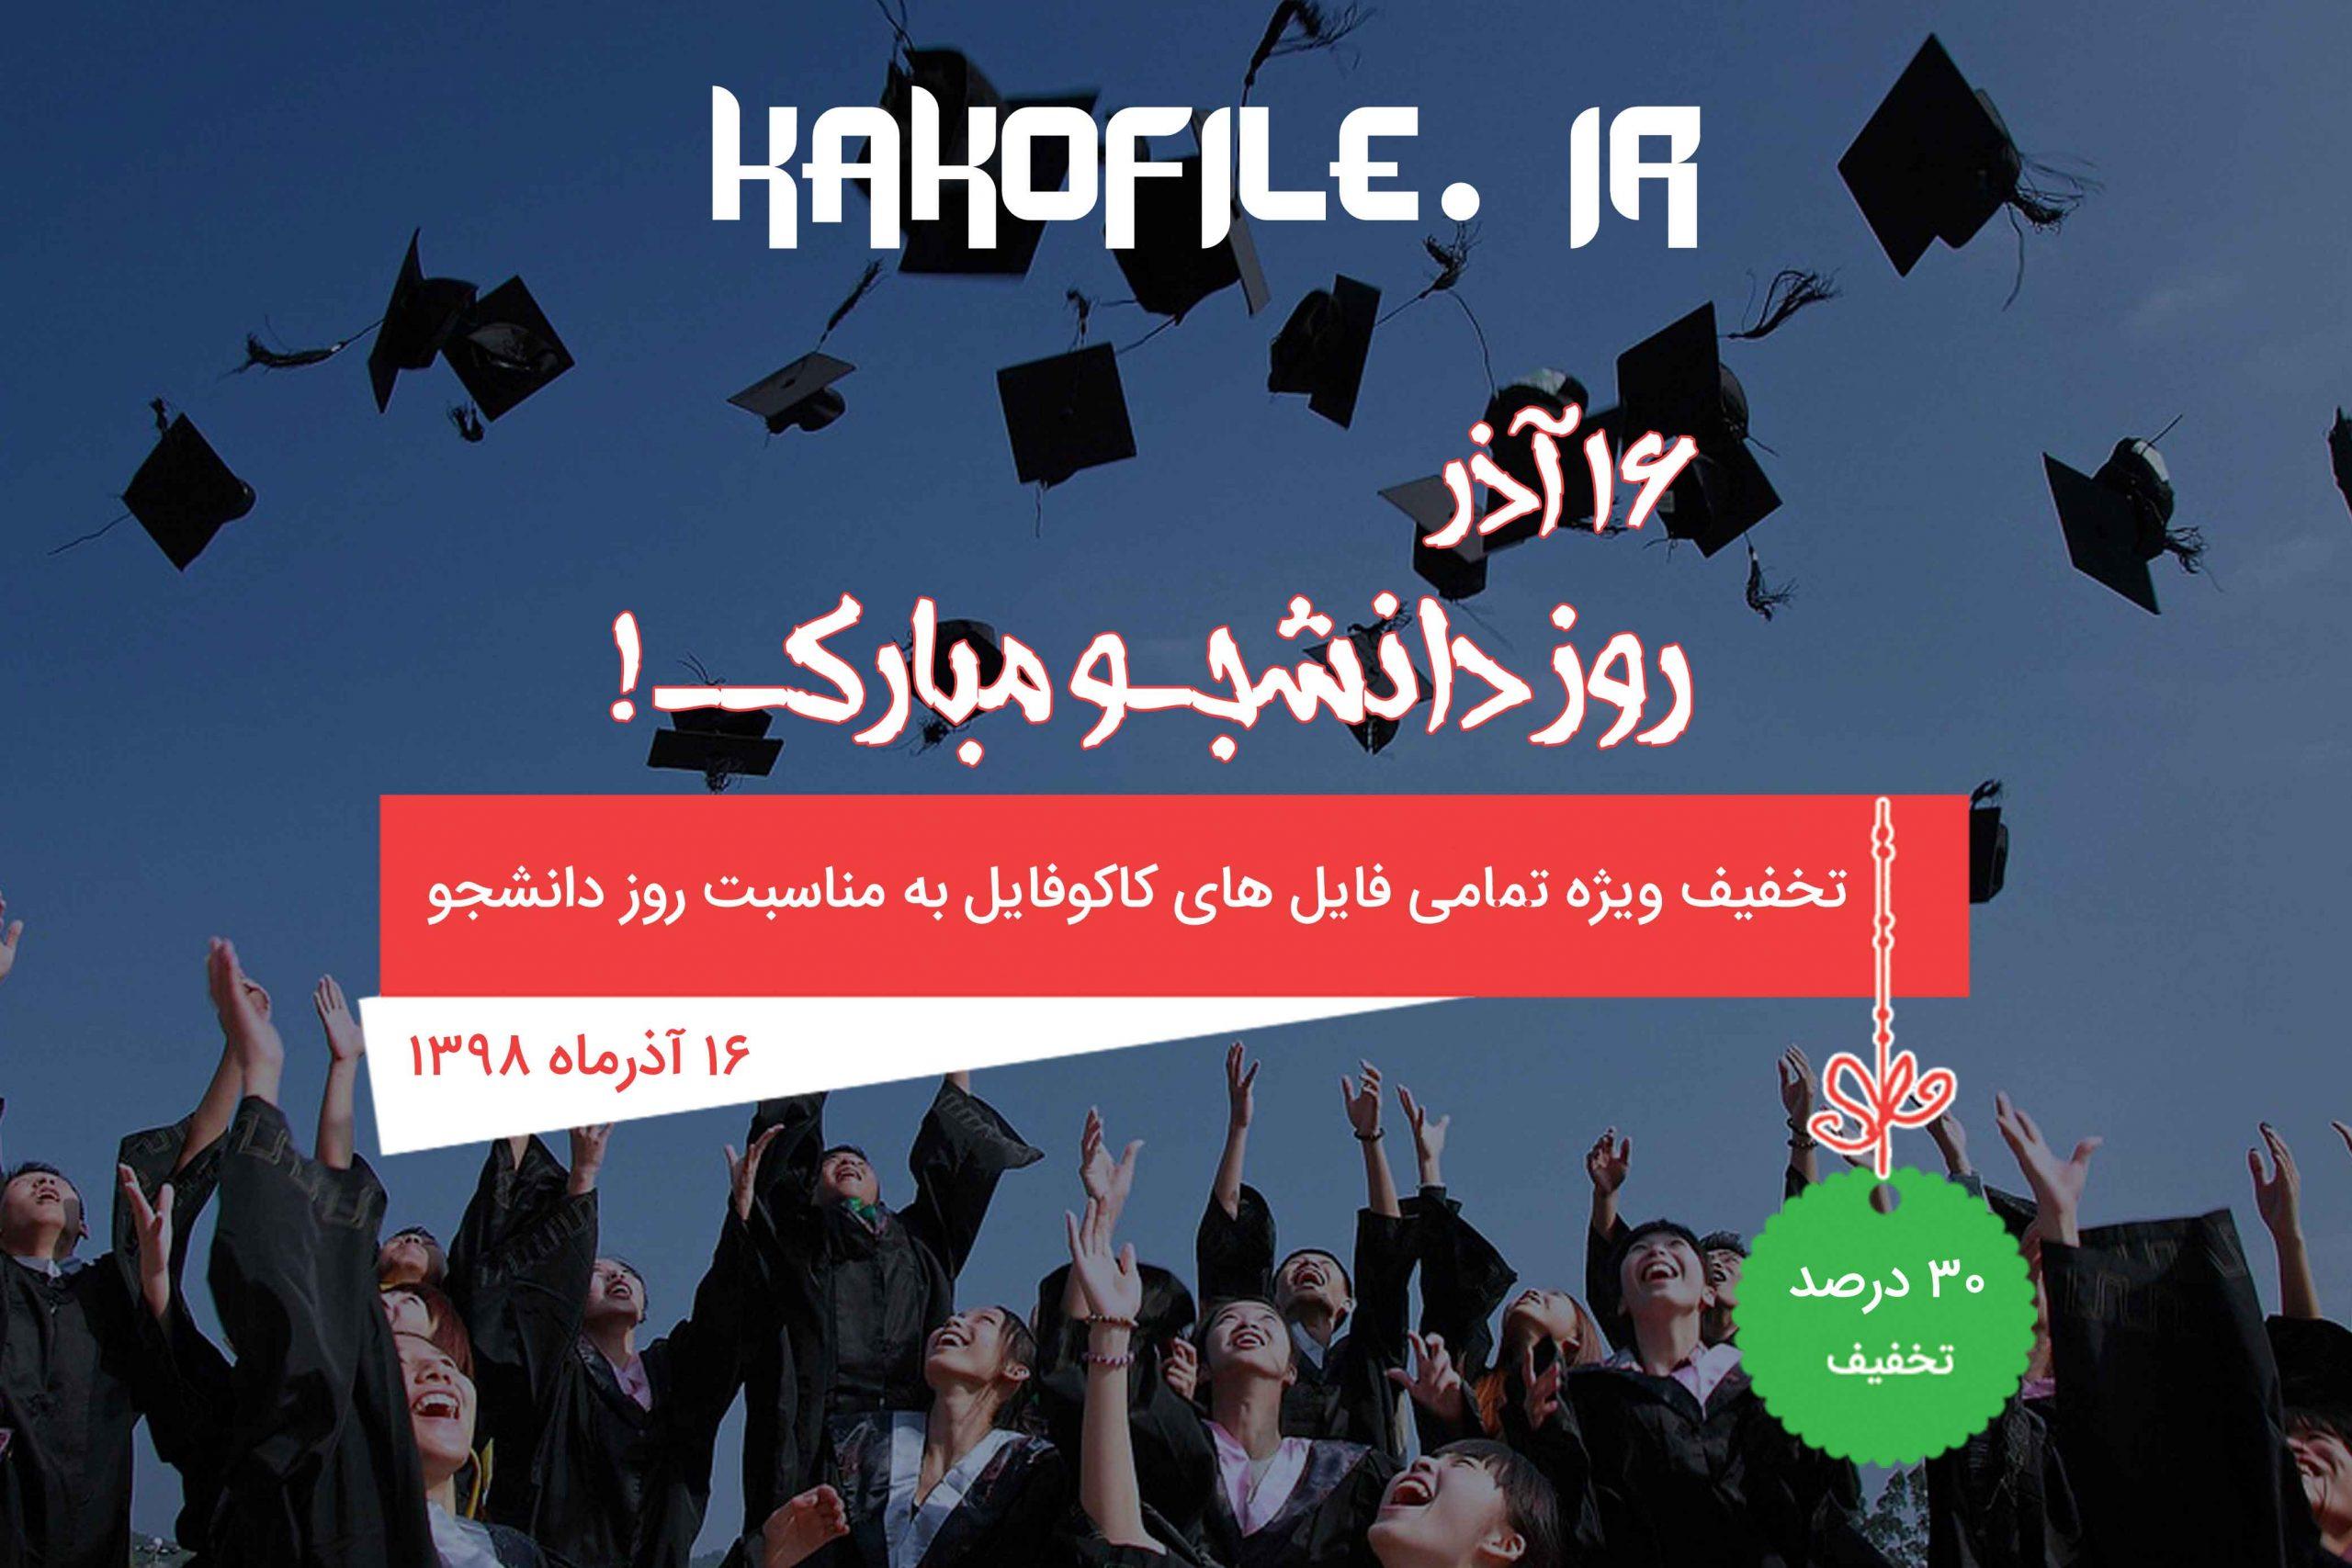 تخفیف ۳۰ درصدی به مناسبت روز دانشجو ۱۳۹۸